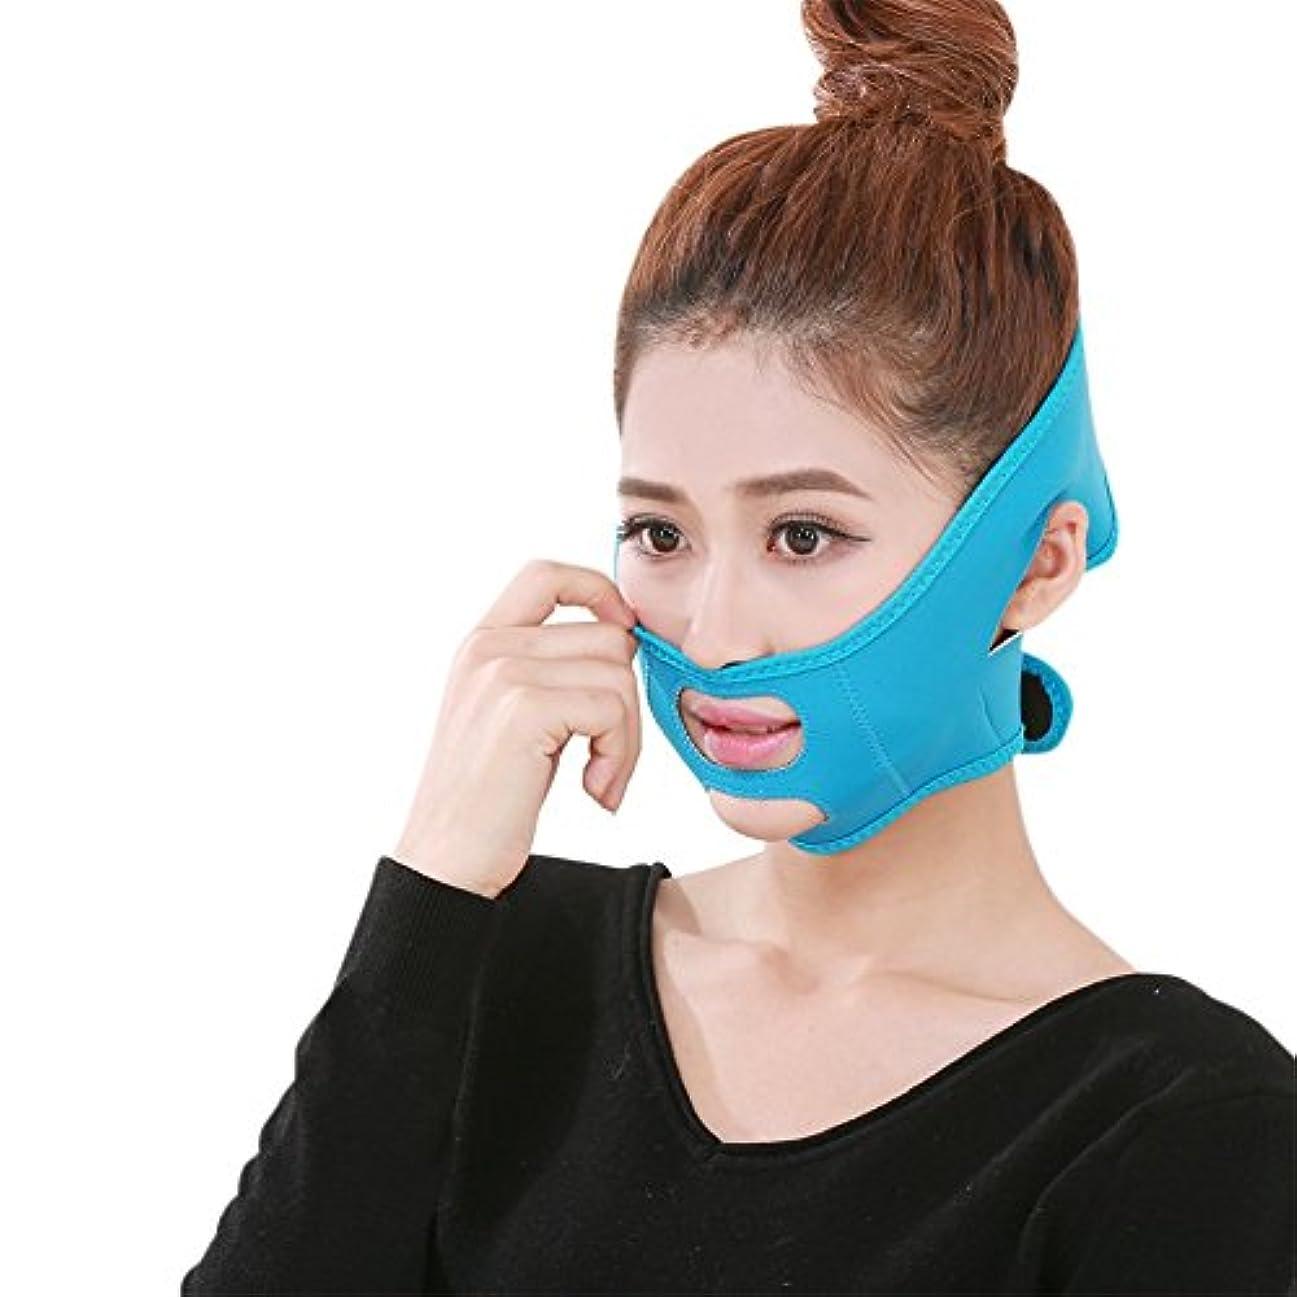 アプローチドキドキ違反Remeehi 小顔ベルト 引き締め V顔 フェイスラインベルト シワ対策 美顔 ベルト 二重あこ対策 ブルー